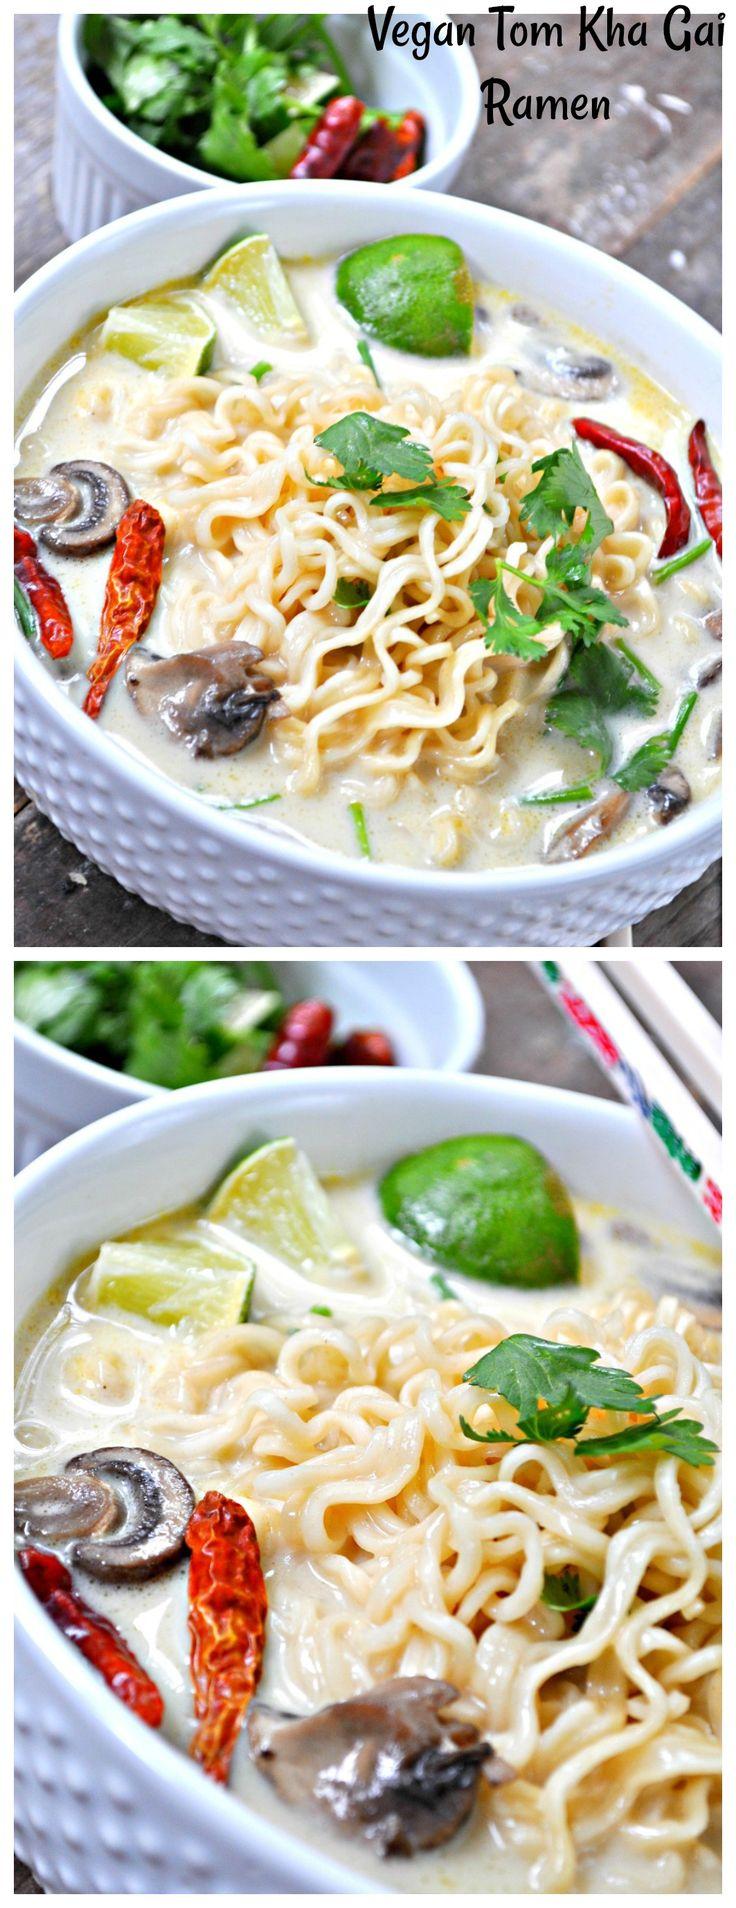 Vegan Tom Kha Gai Ramen